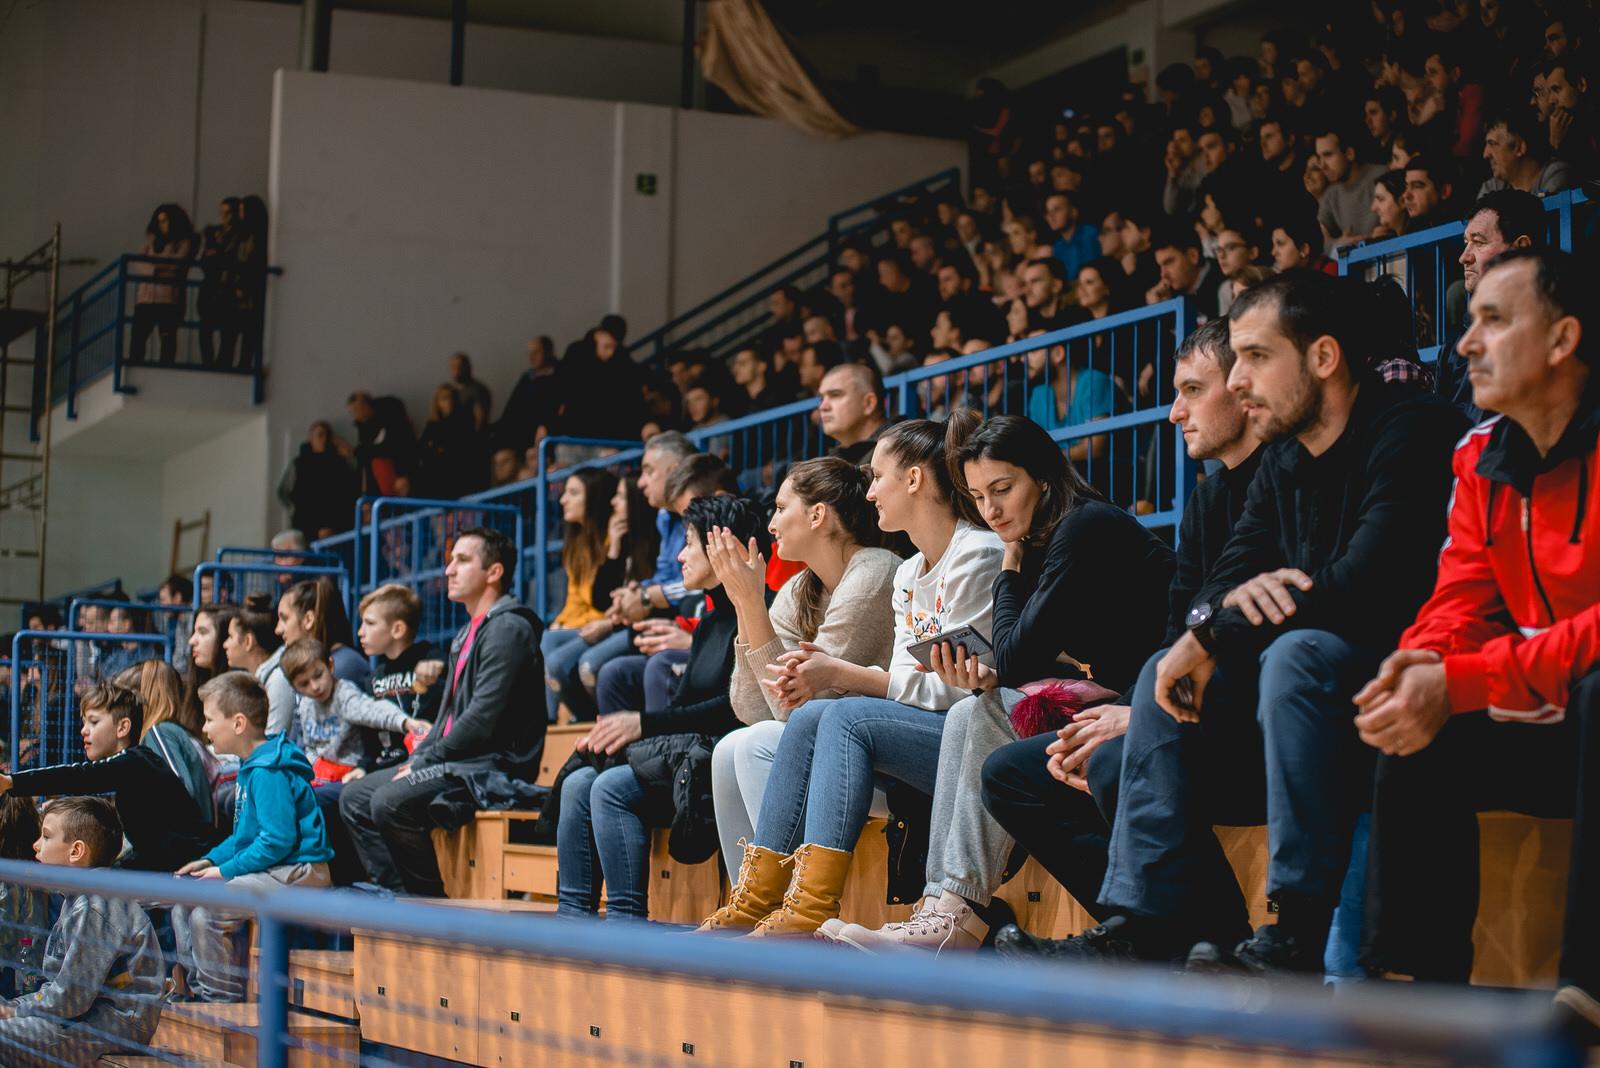 likaclub_gospić_zimski-malonogometni-turnir-2018-19-19